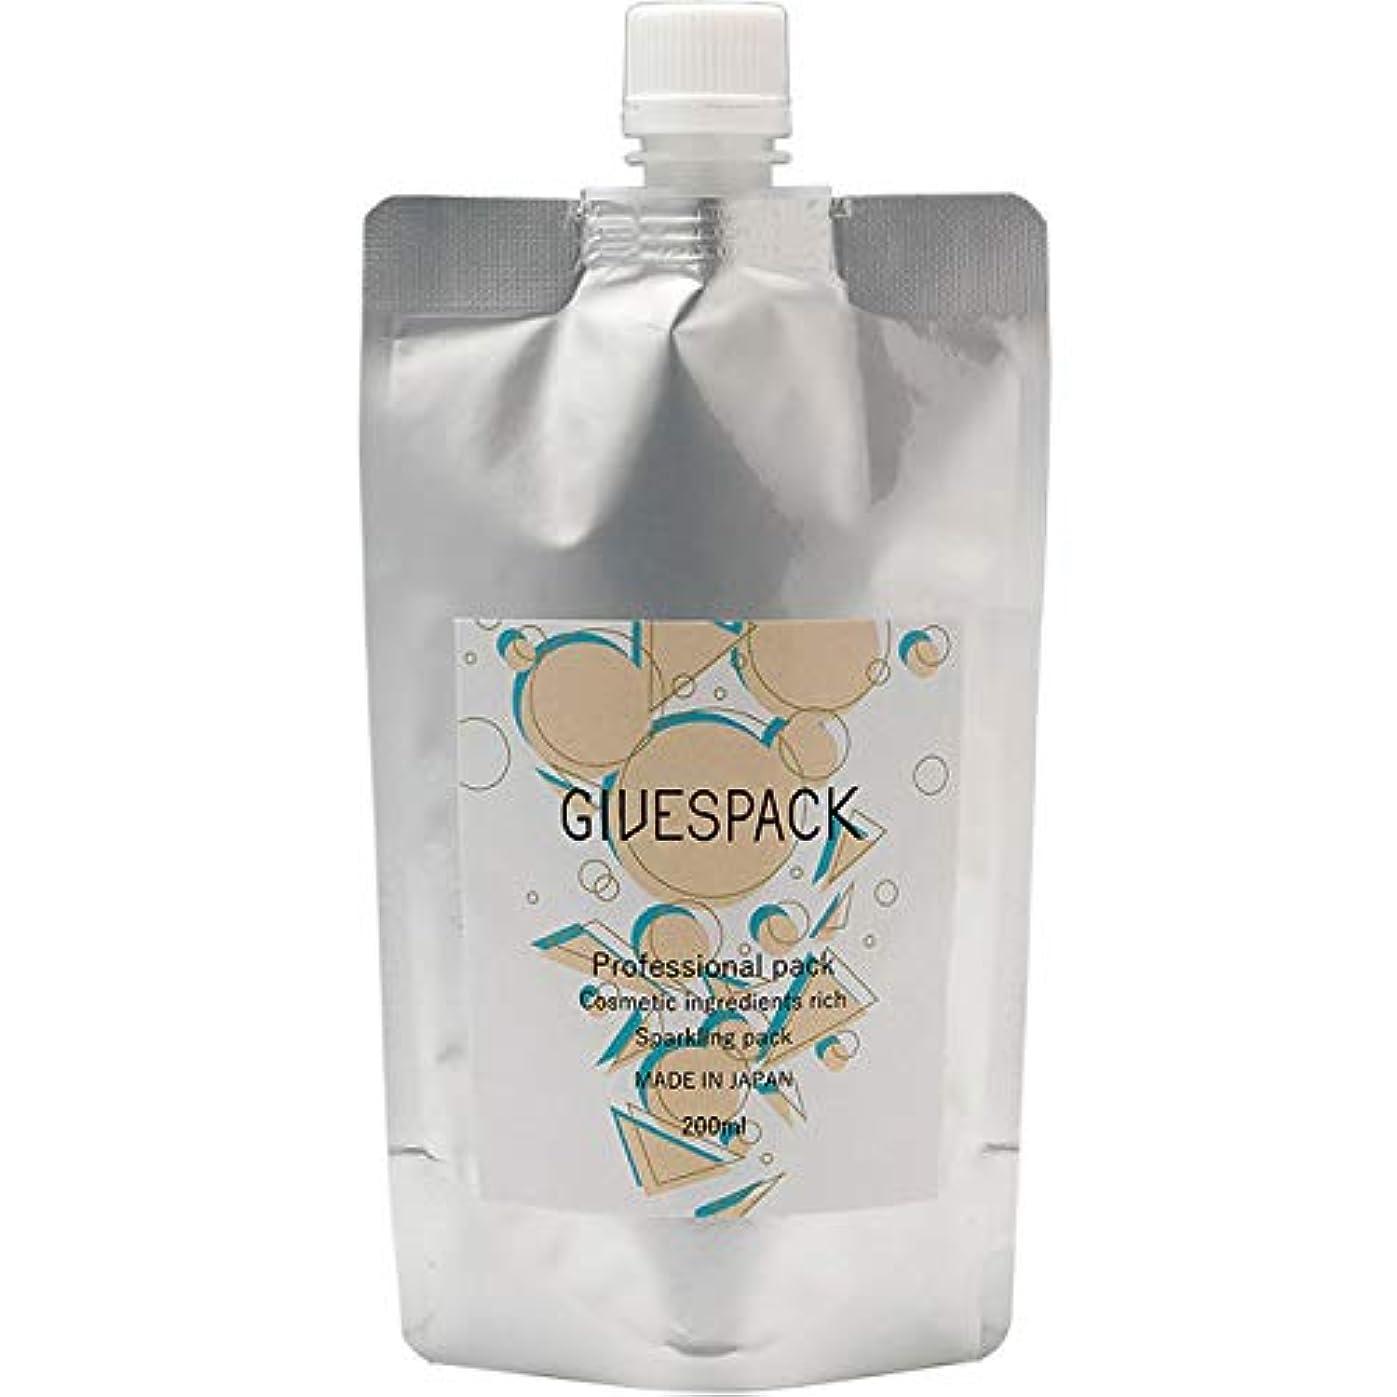 スペイン語ツイン粘性のNAVAN ギブスパック 炭酸パック 自宅エステ 手軽な一剤式(混ぜない) オールインワン 200ml たっぷり約23回分